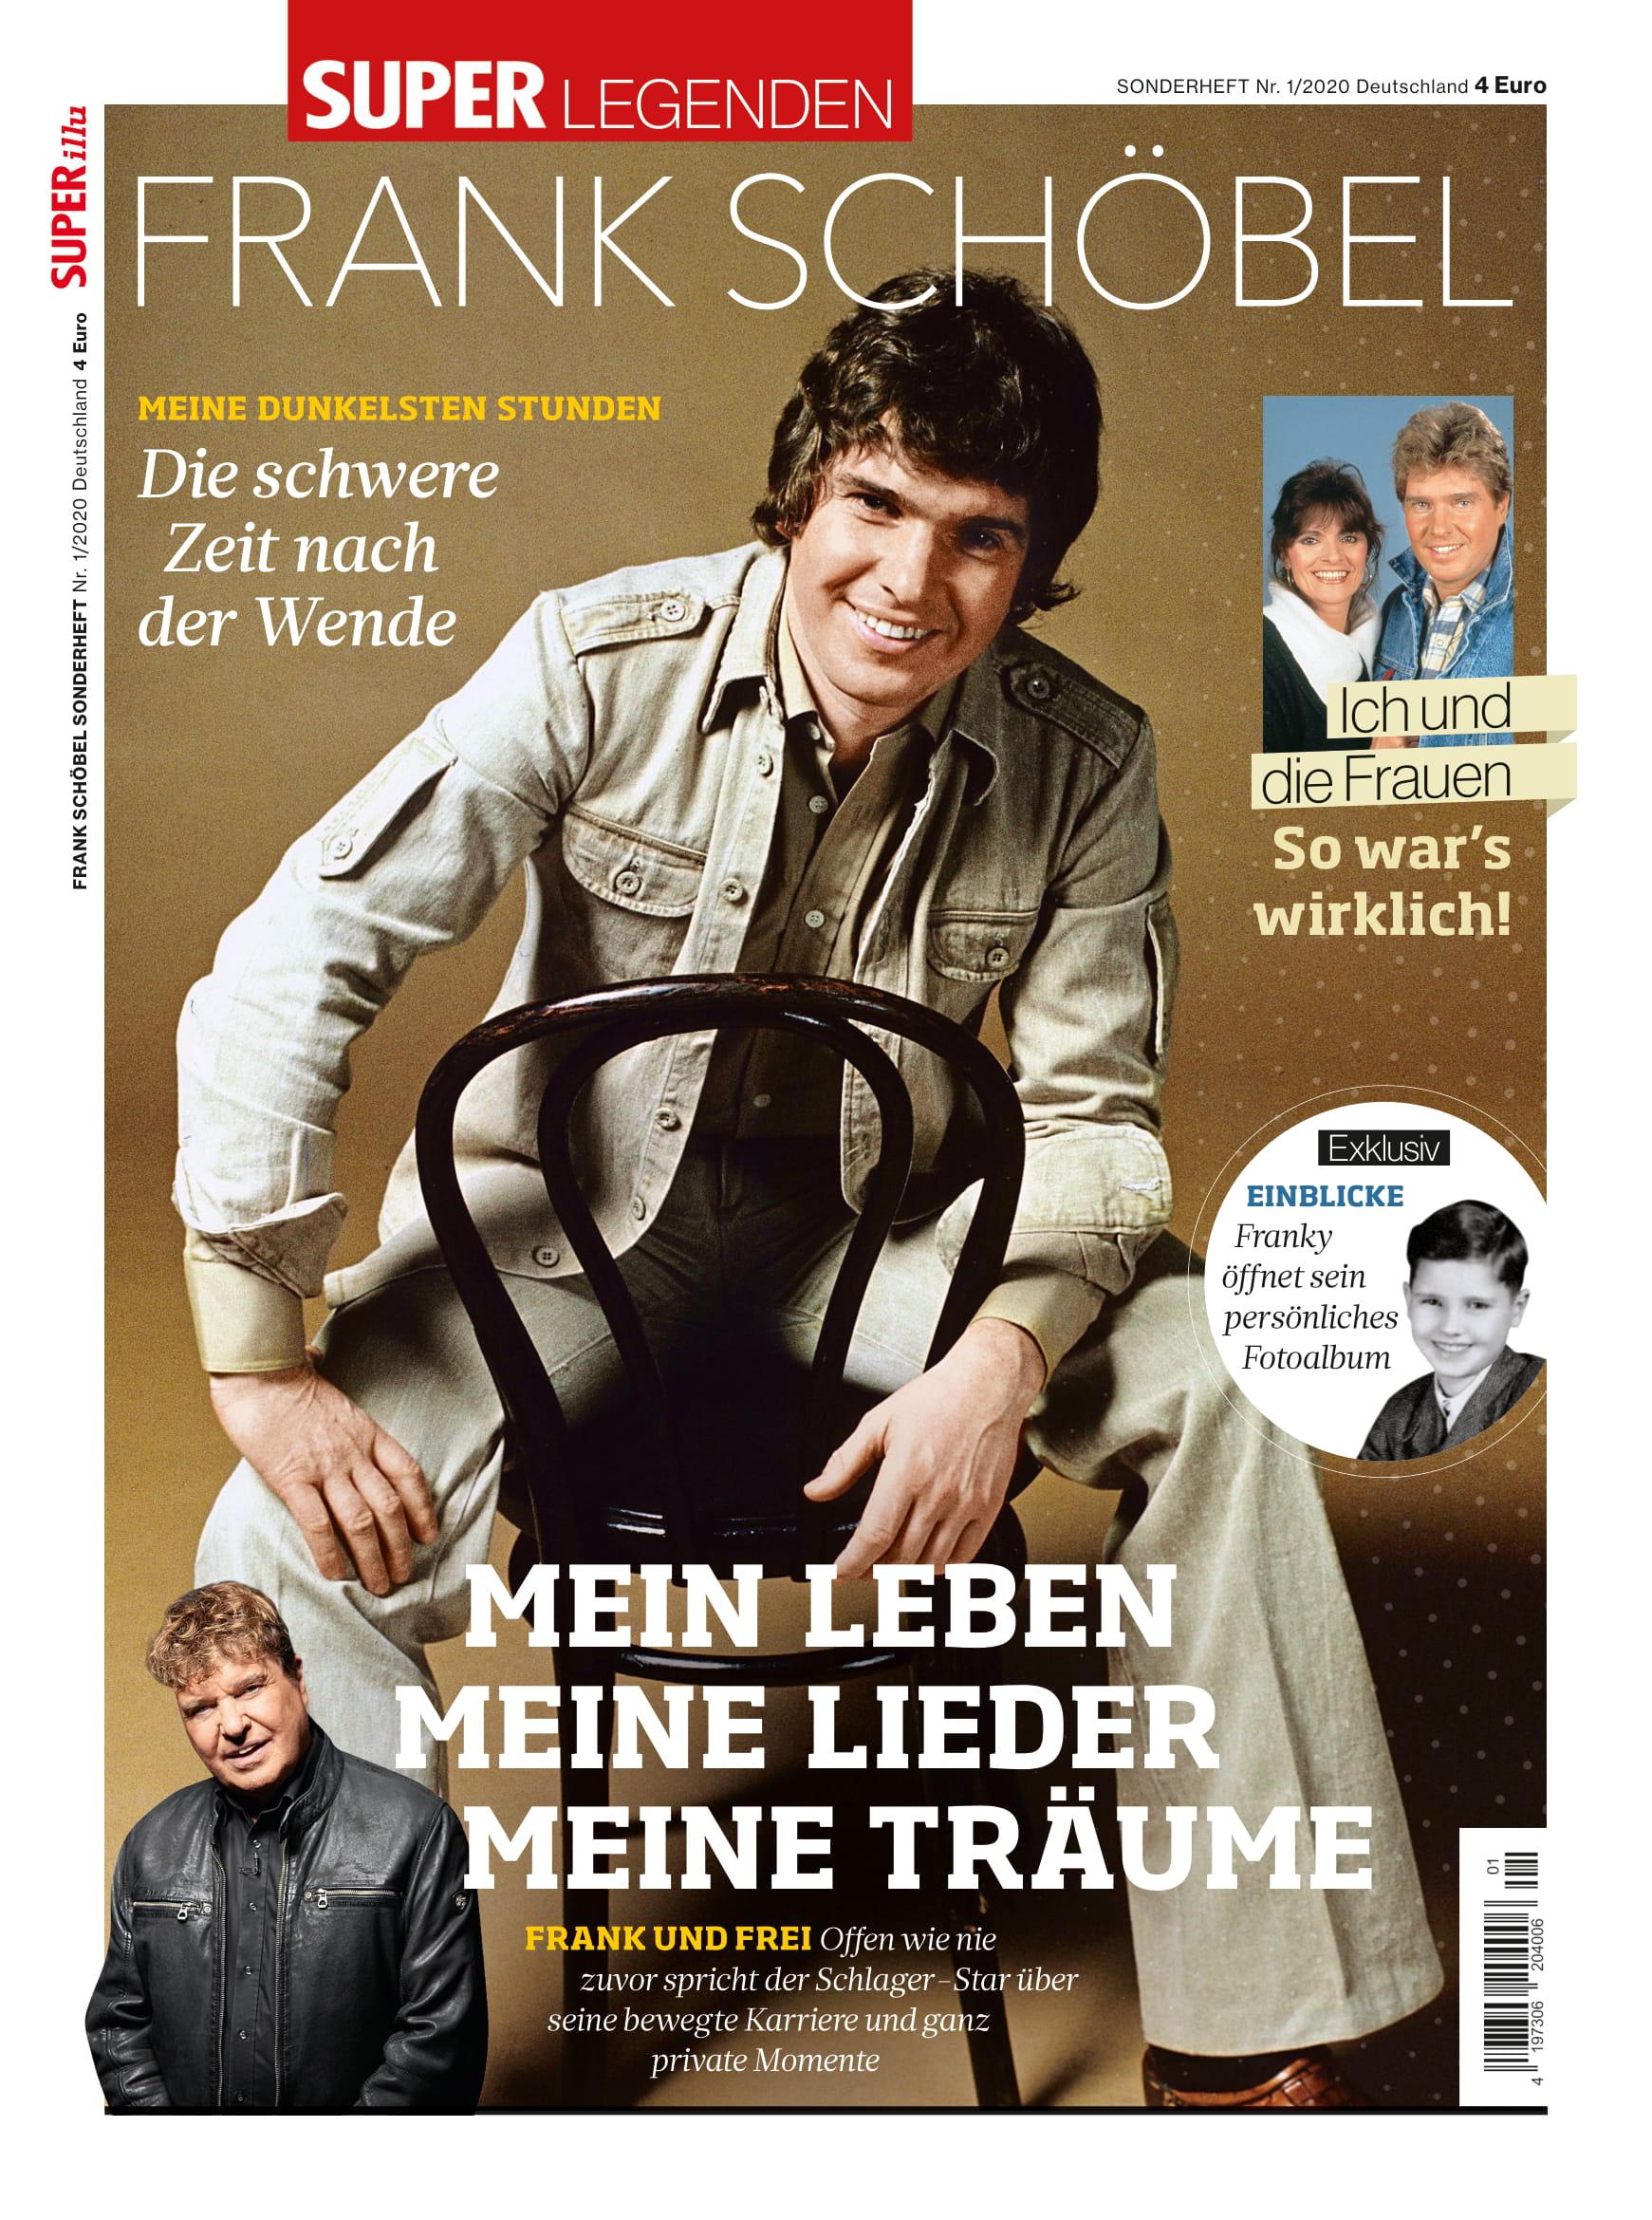 FRANK SCHÖBEL * Mein Leben - Meine Lieder - Meine Träume (Sonderheft der superILLU; € 4,00)